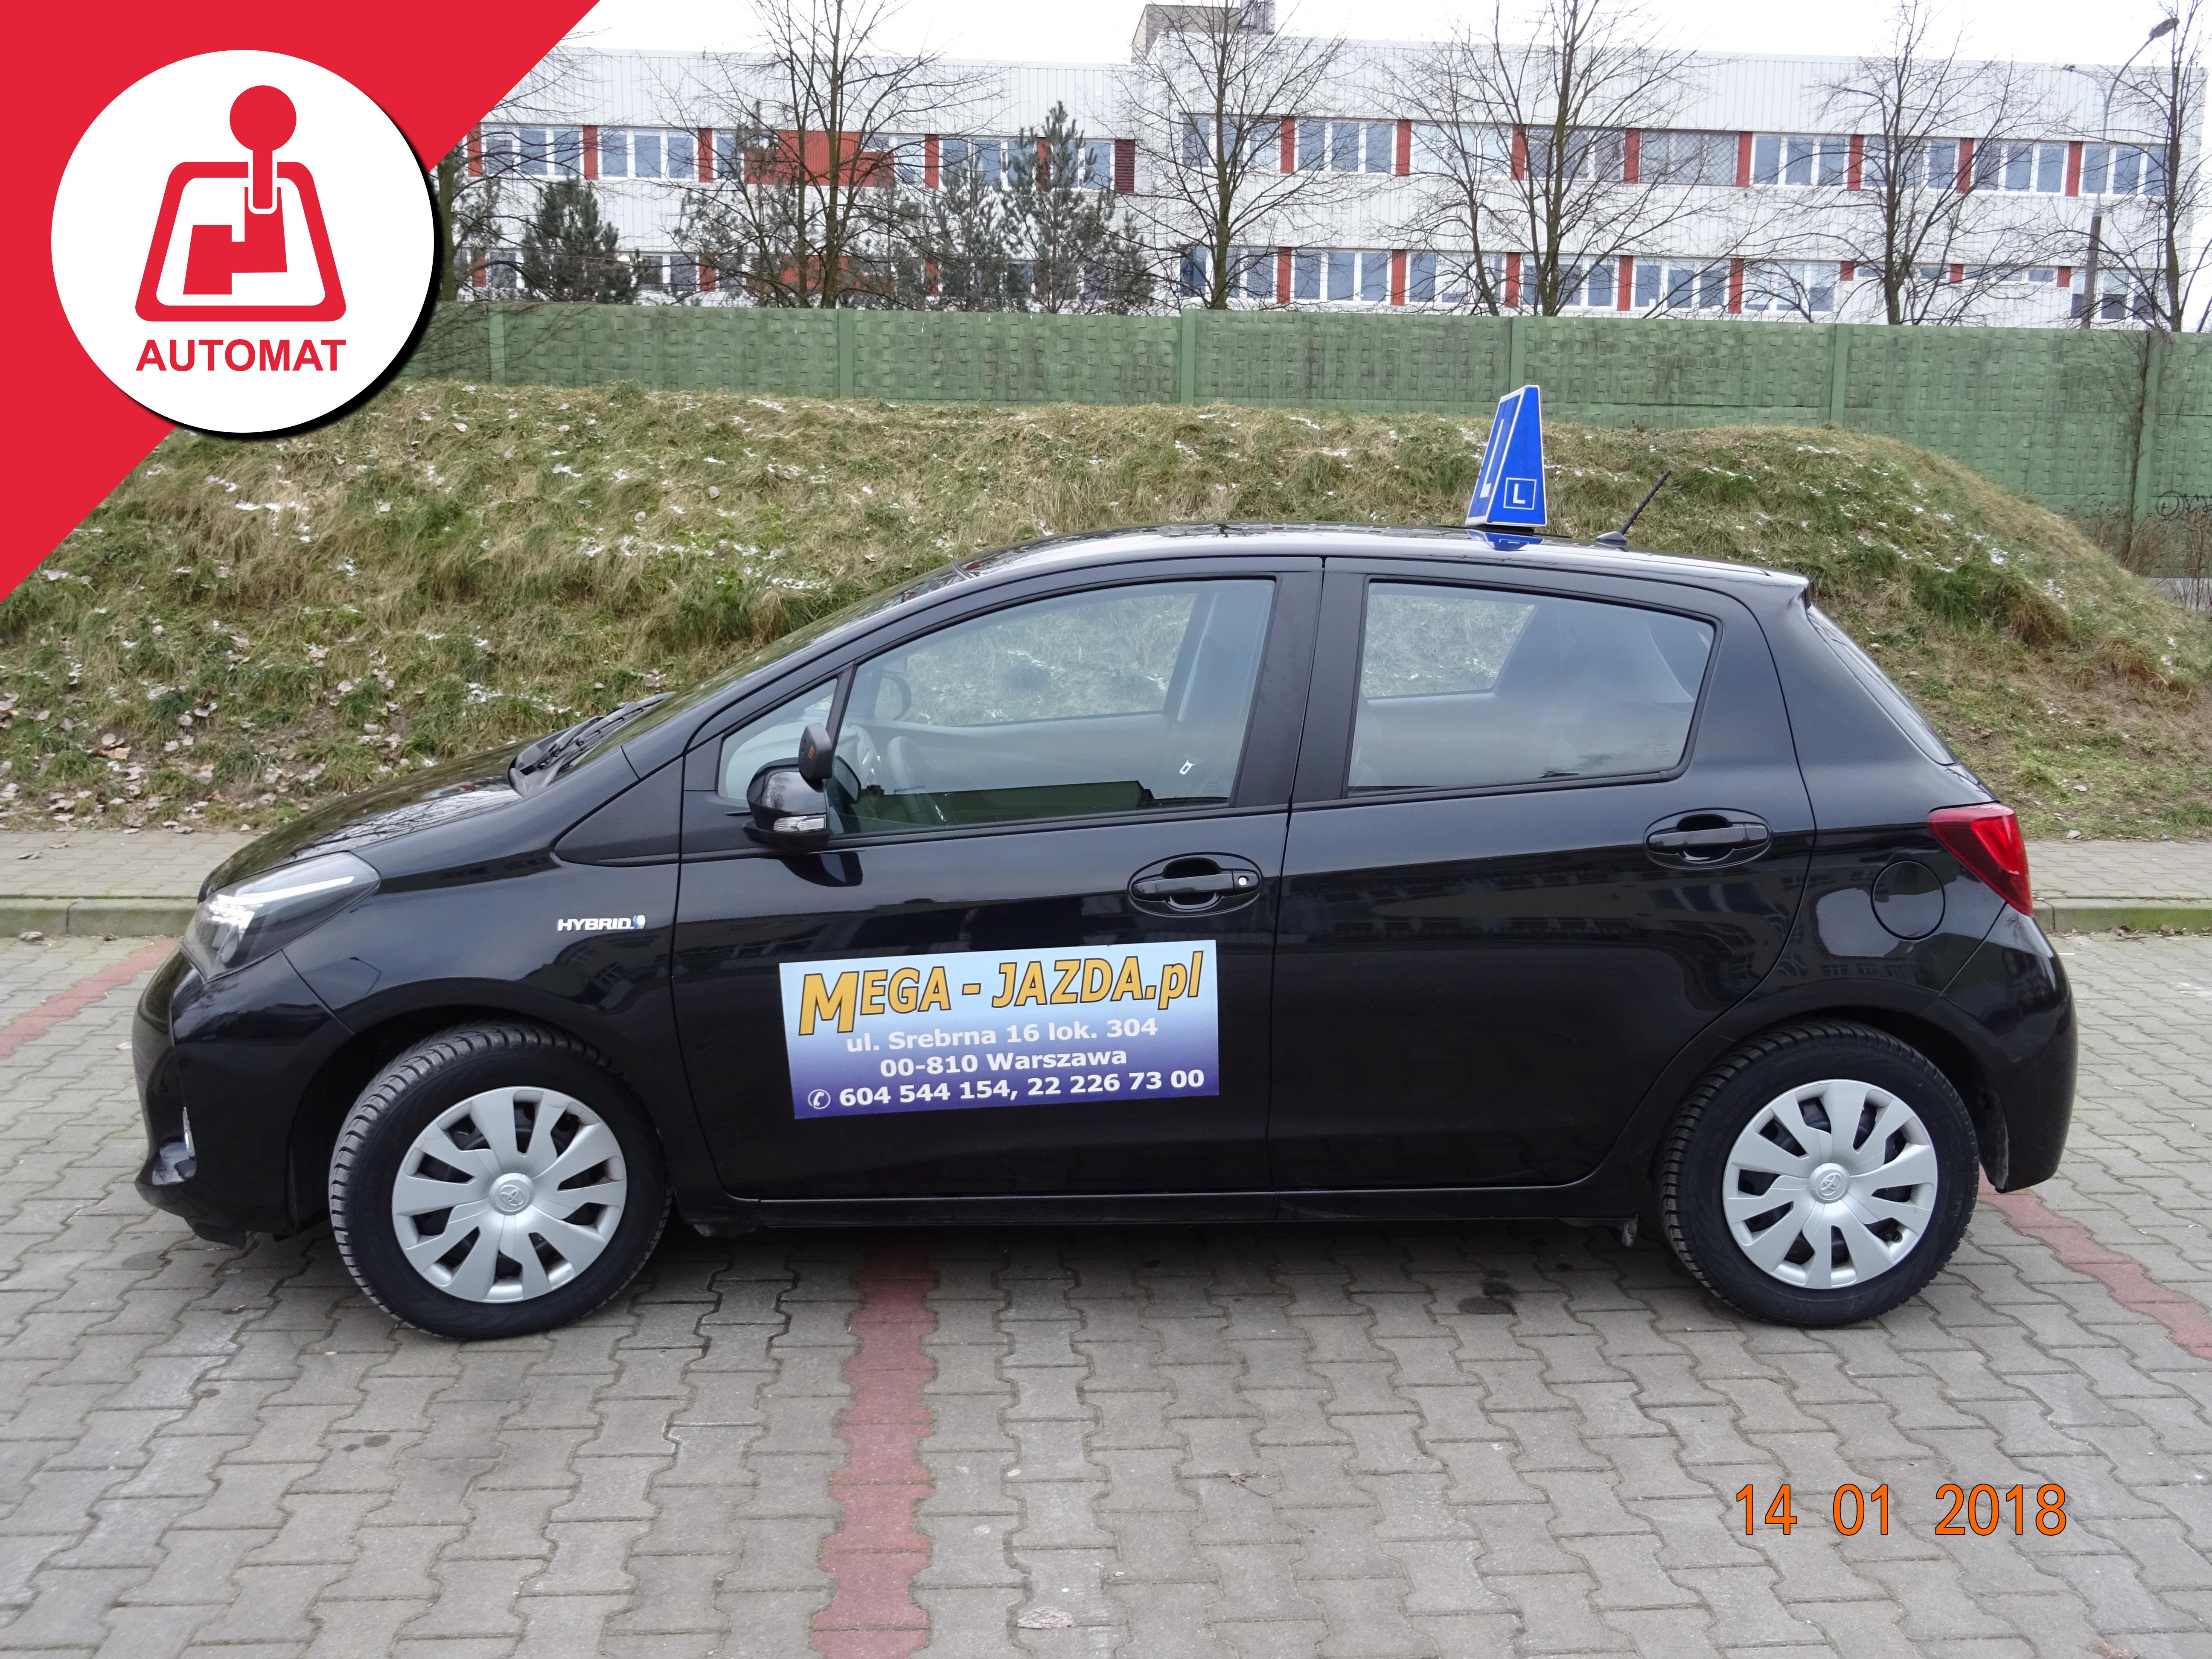 ToyotaYaris_Hybrid_Automat_nauka-jazdy-Warszawa_1